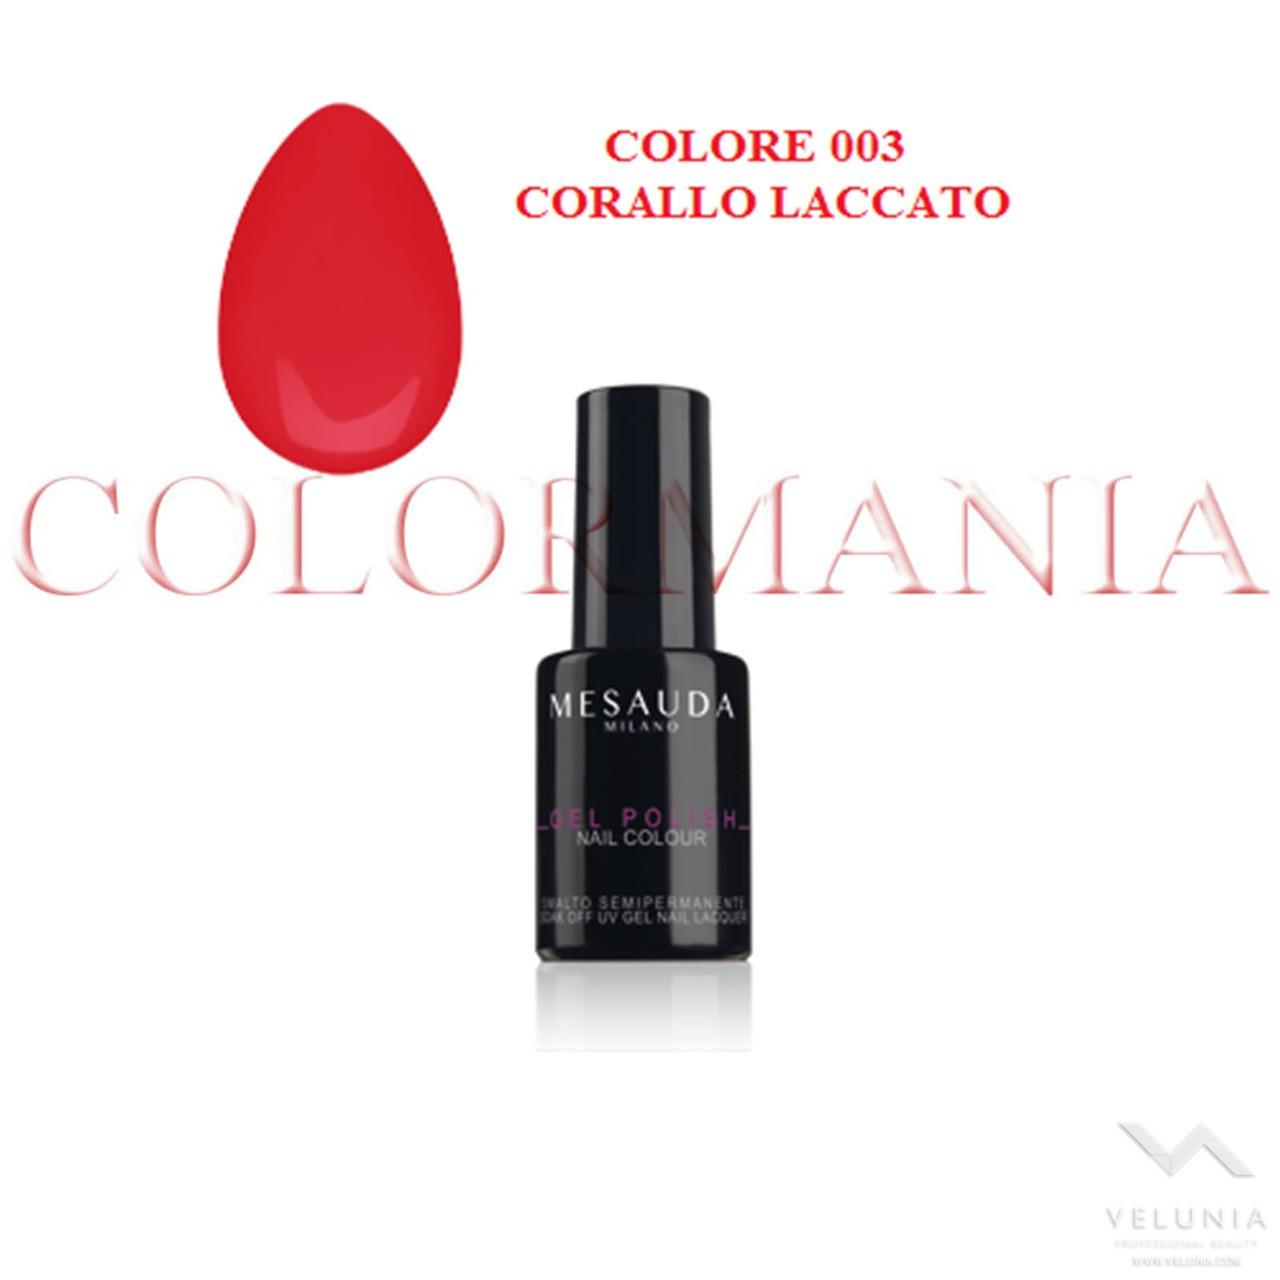 MESAUDA GEL POLISH NAIL SMALTO SEMIPERMANENTE PROFESSIONALE 5 ML COLORE 003 CORALLO LACCATO 1